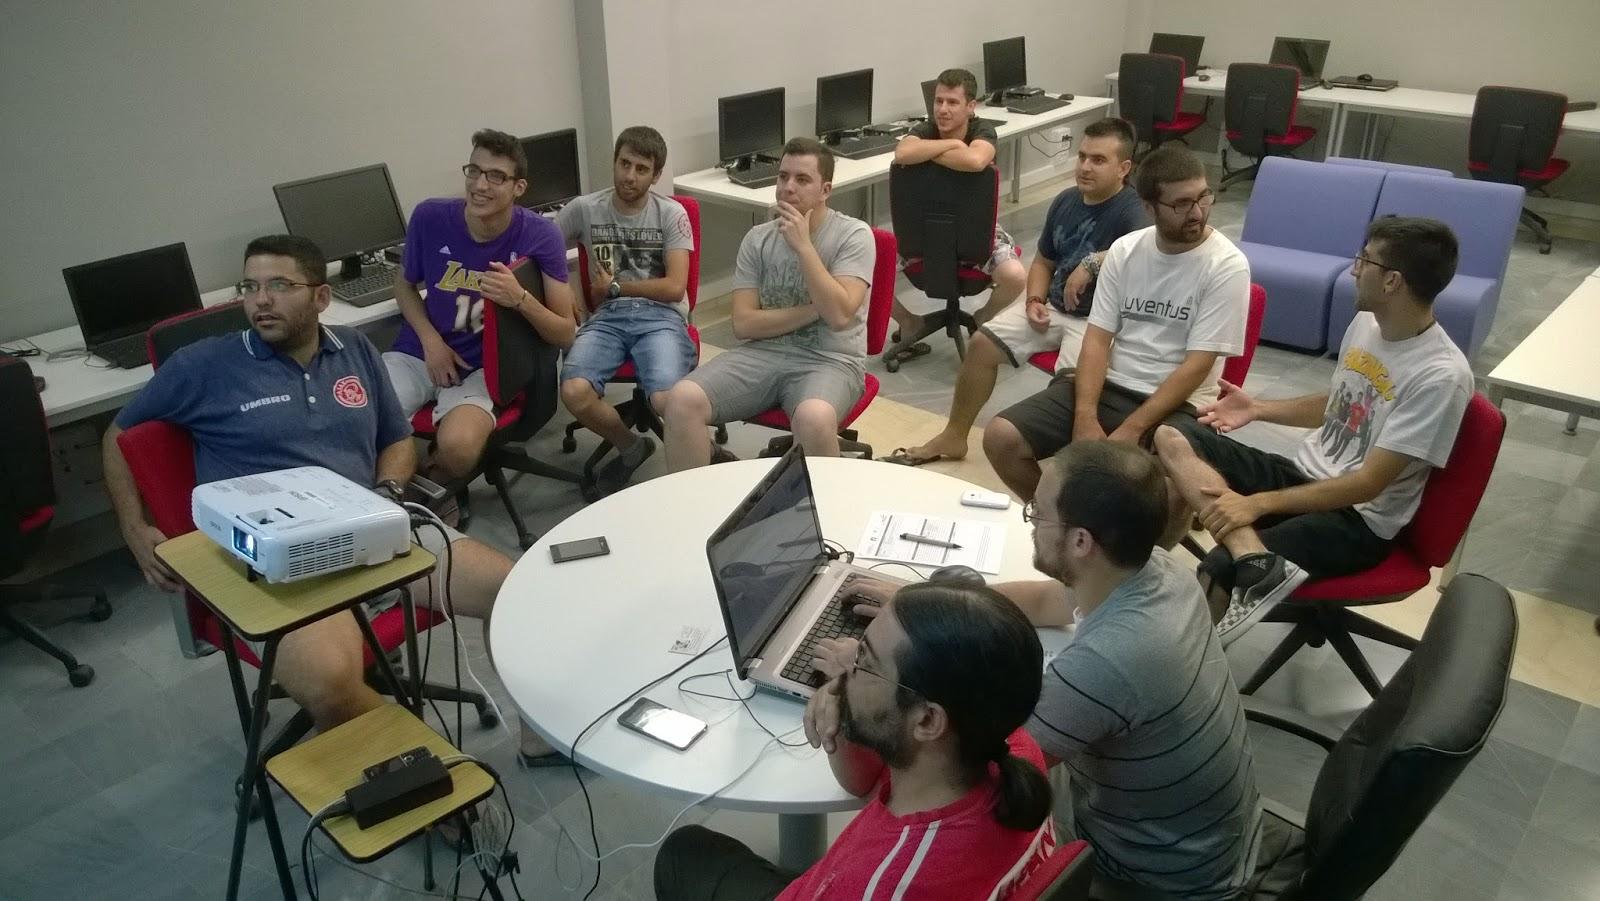 Reunión 9 julio 2015 para la creación de la Asoc. Geekgamersteam